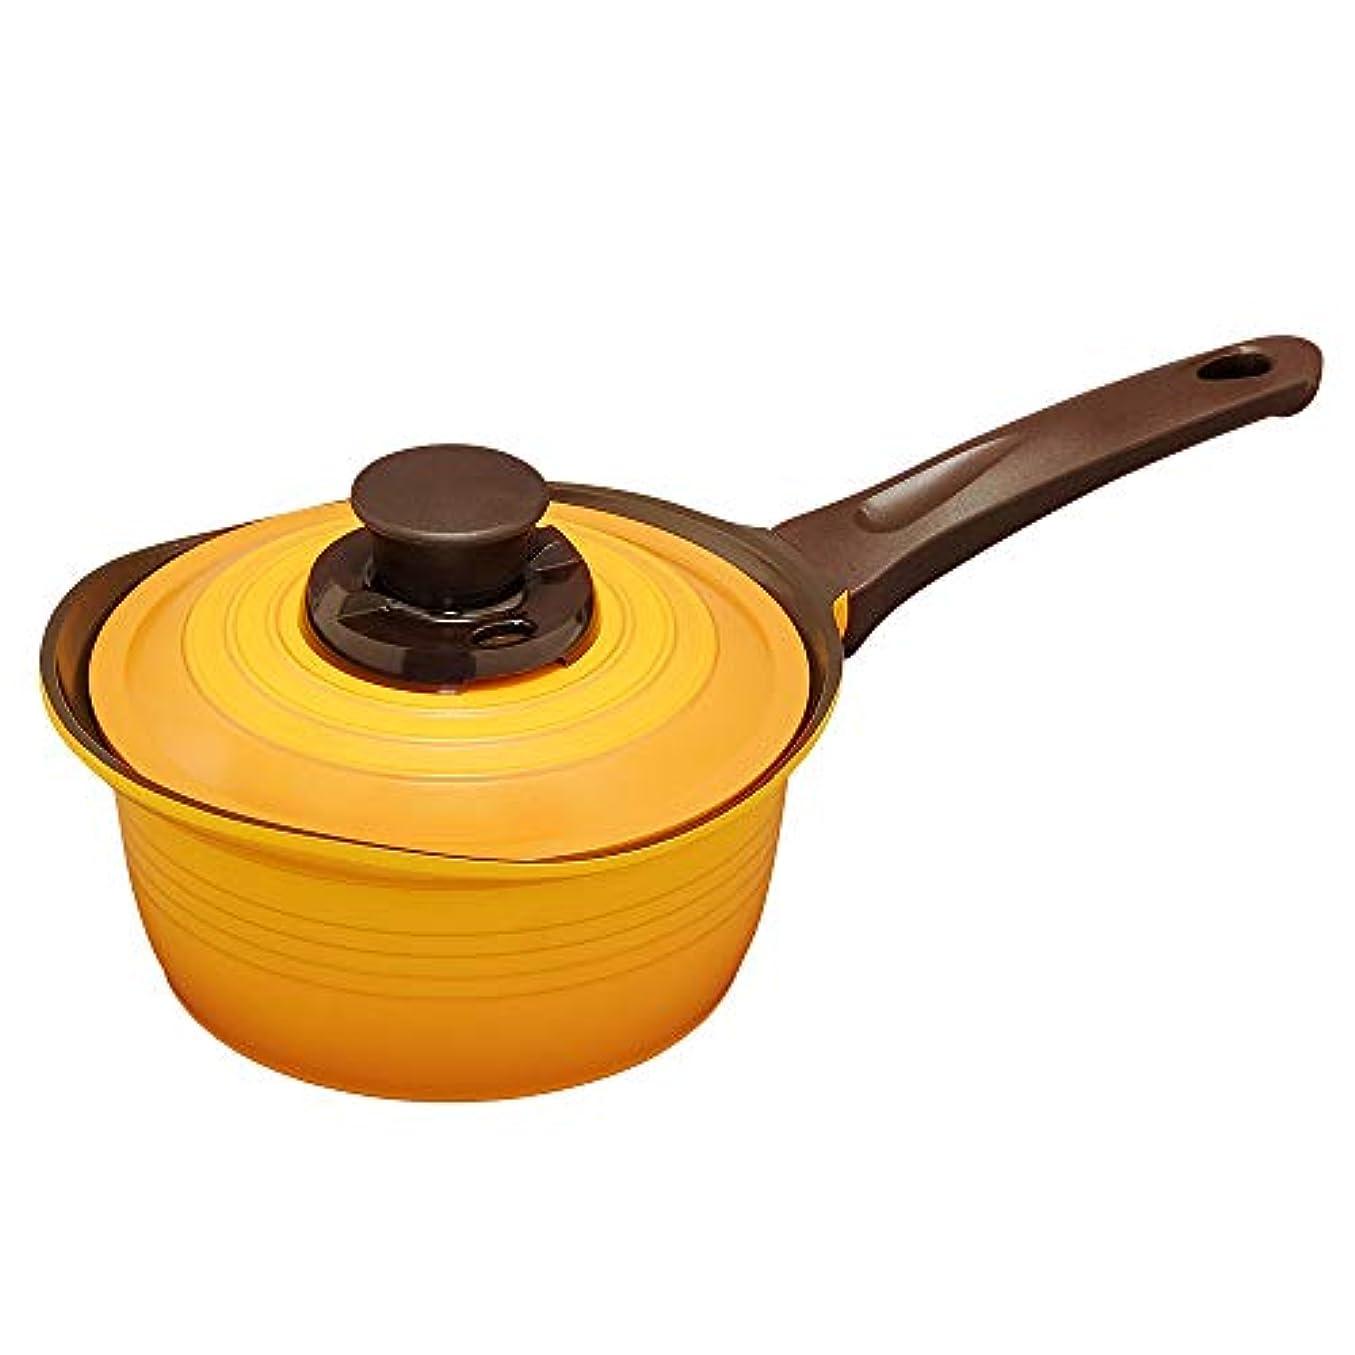 日光マークダウン写真を描くアイリスオーヤマ 鍋 無加水鍋 片手鍋 IH対応 イエロー 18㎝  KMKS-18